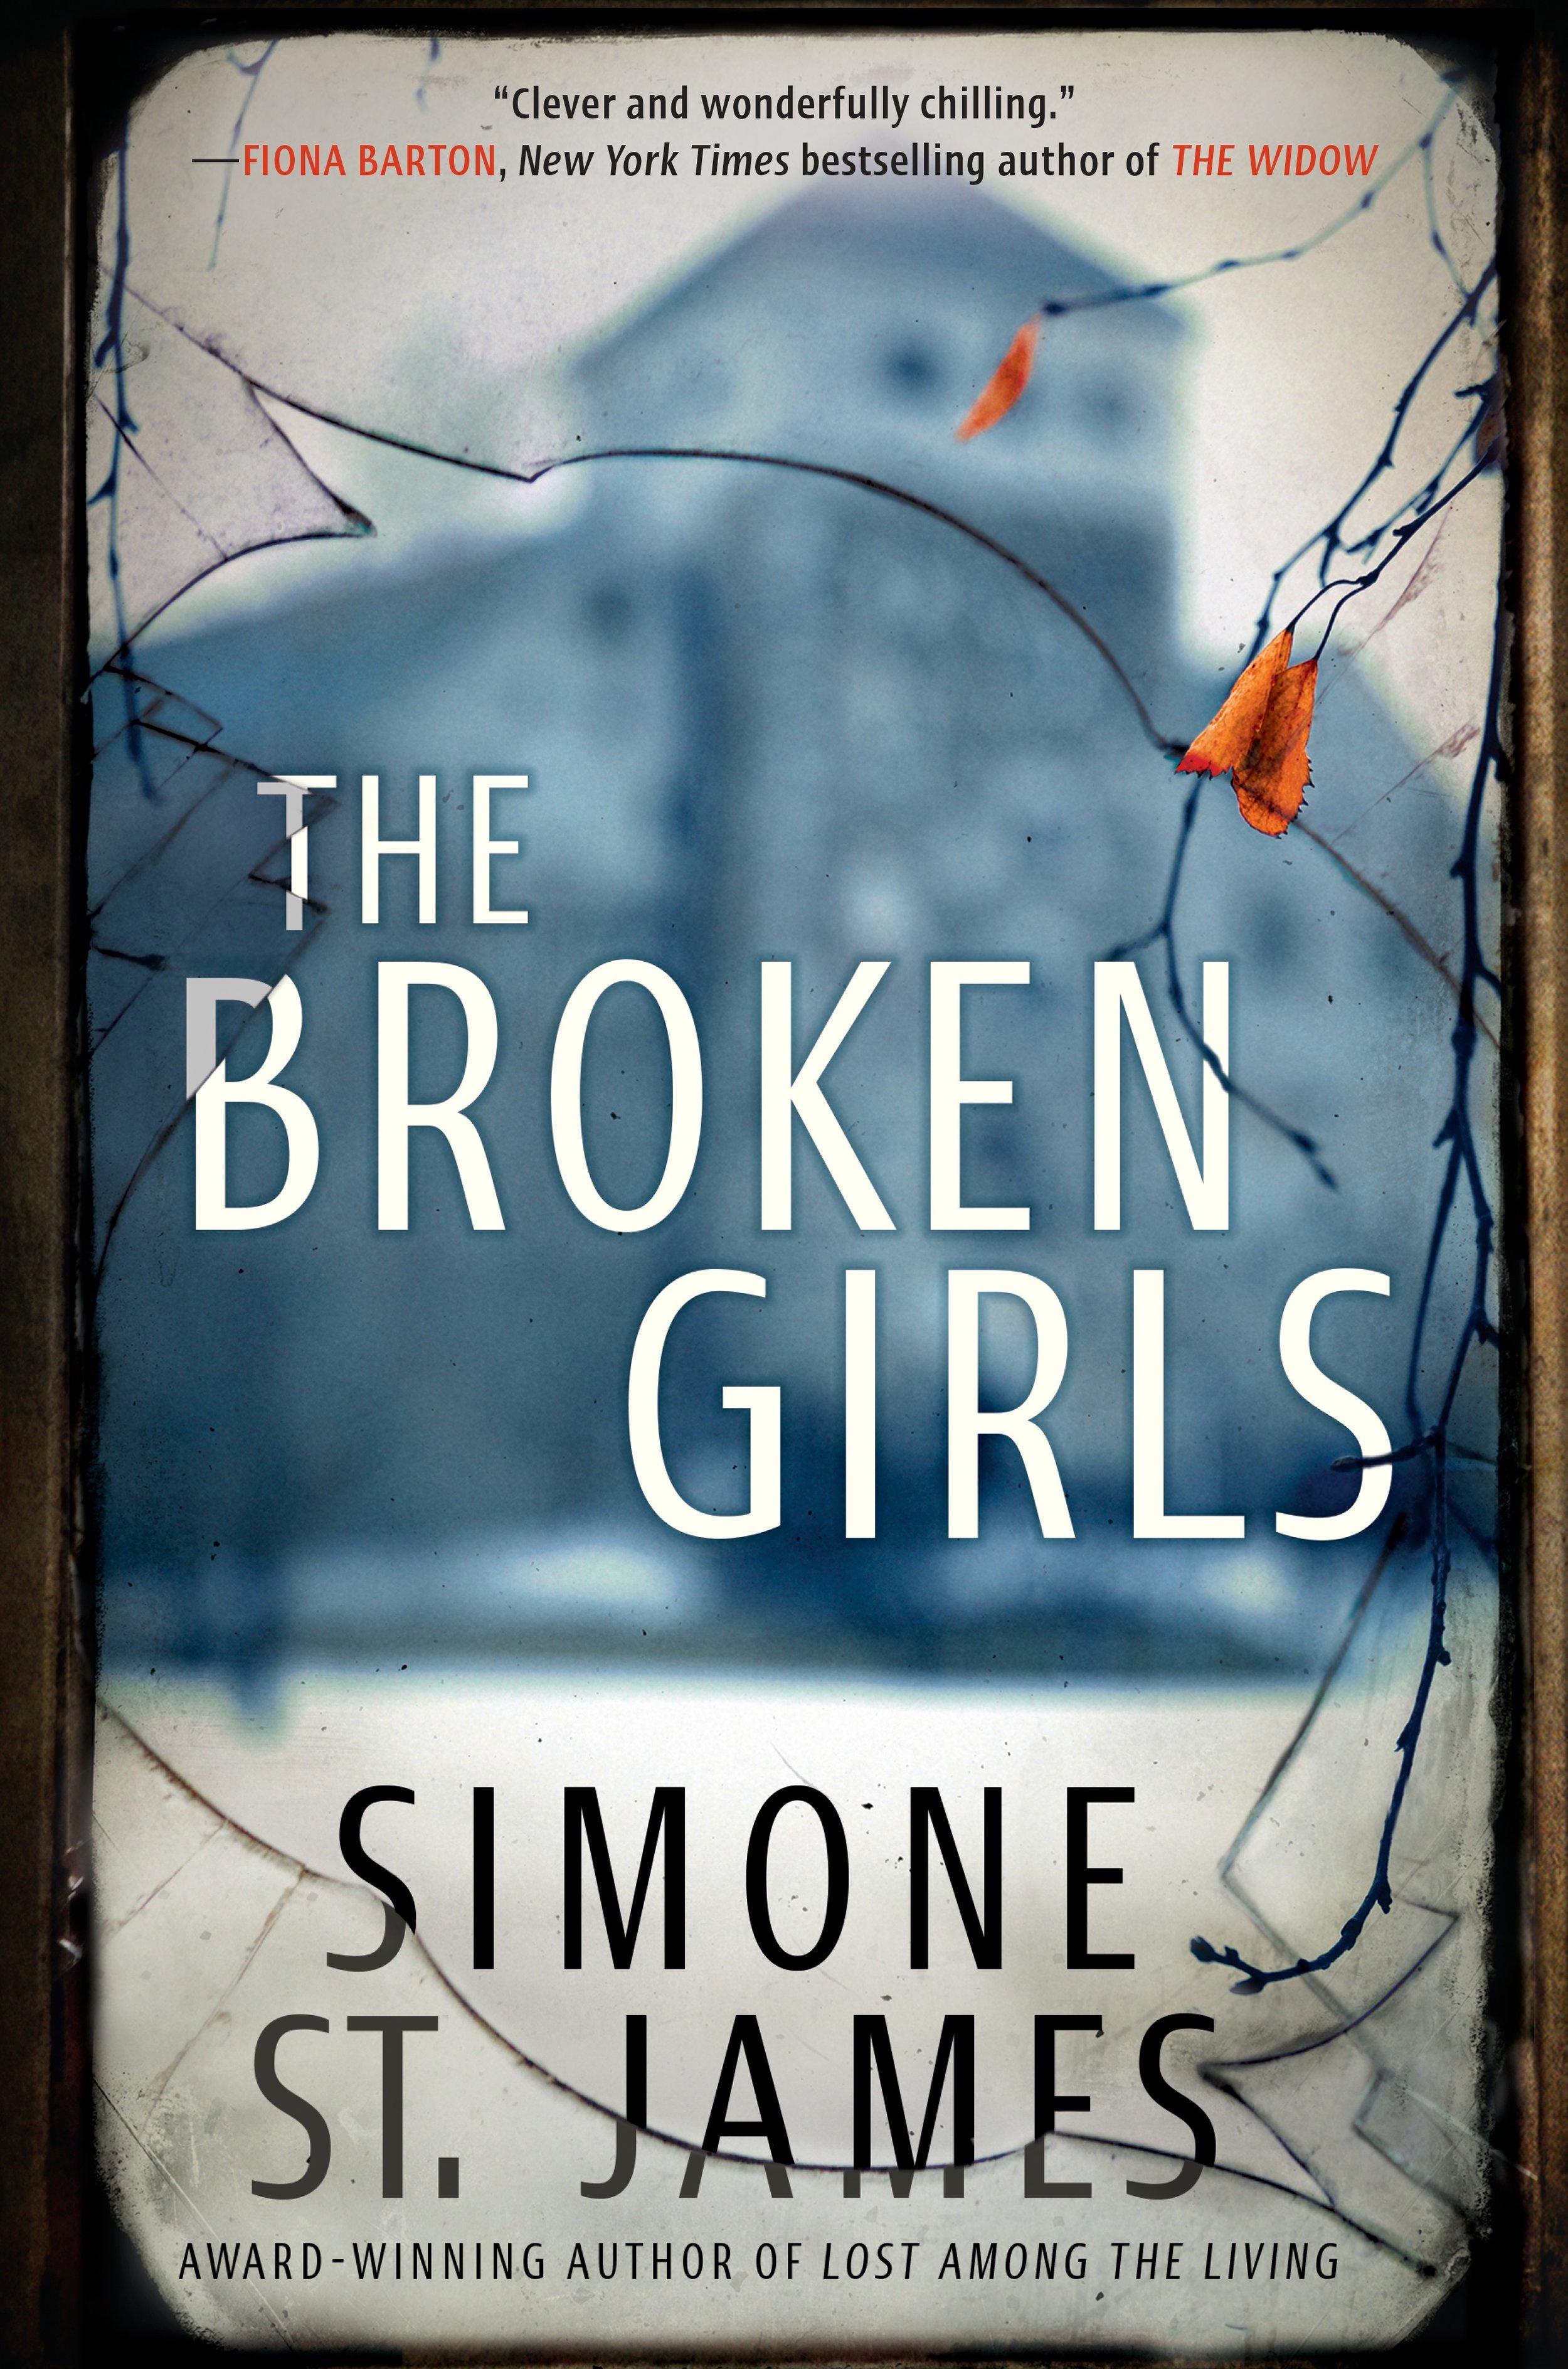 Simone St. James The Broken Girls.jpg